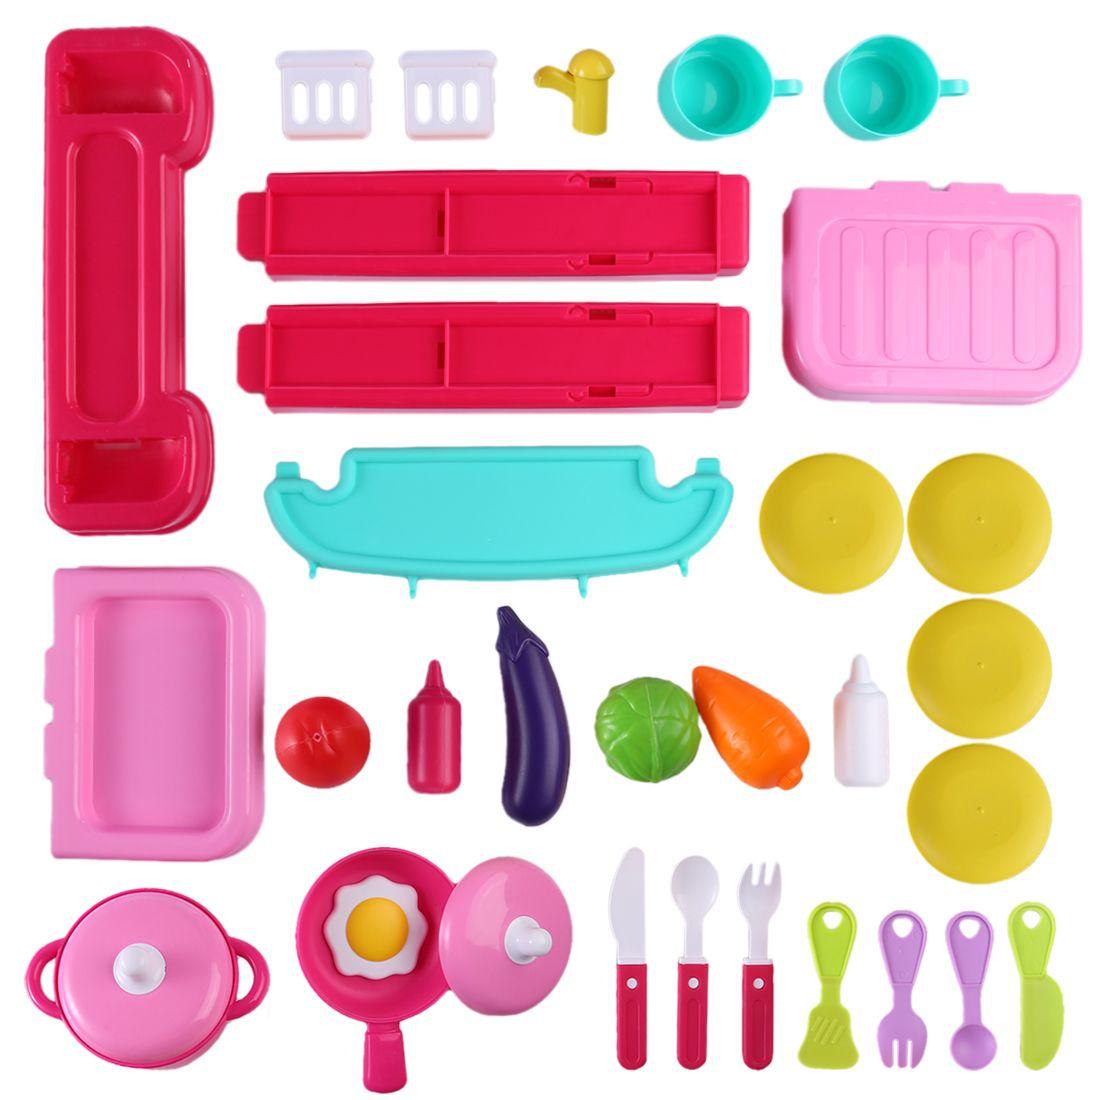 Aracı Pişirme Çocuk Mutfak Bagaj Organizer ile Kid için Rol Yapma Çal Tezgahı Playset Erken Eğitim Oyuncak Setleri